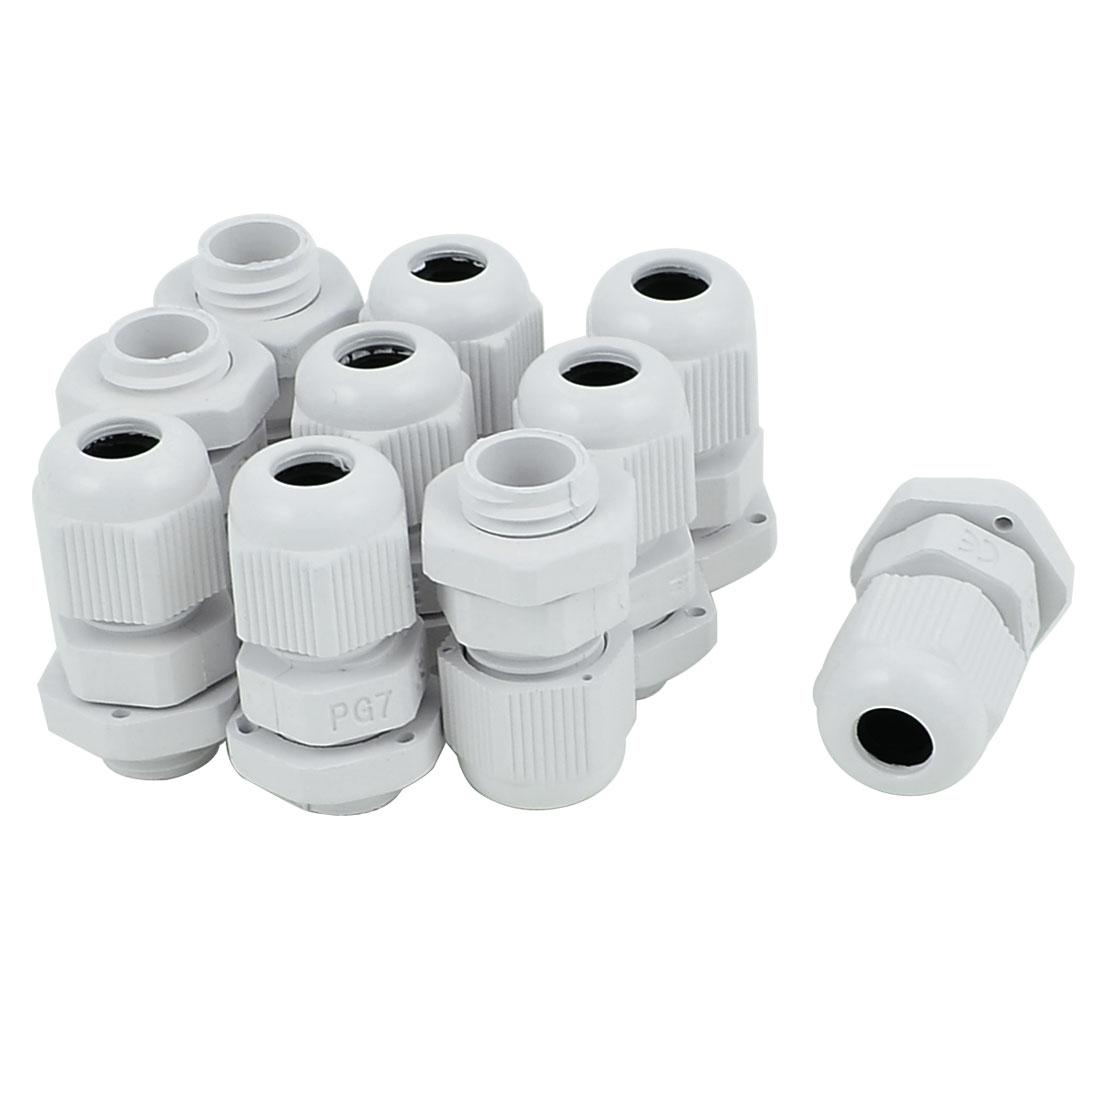 PG-7 White Plastic Waterproof Connectors Cable Glands 10 Pcs